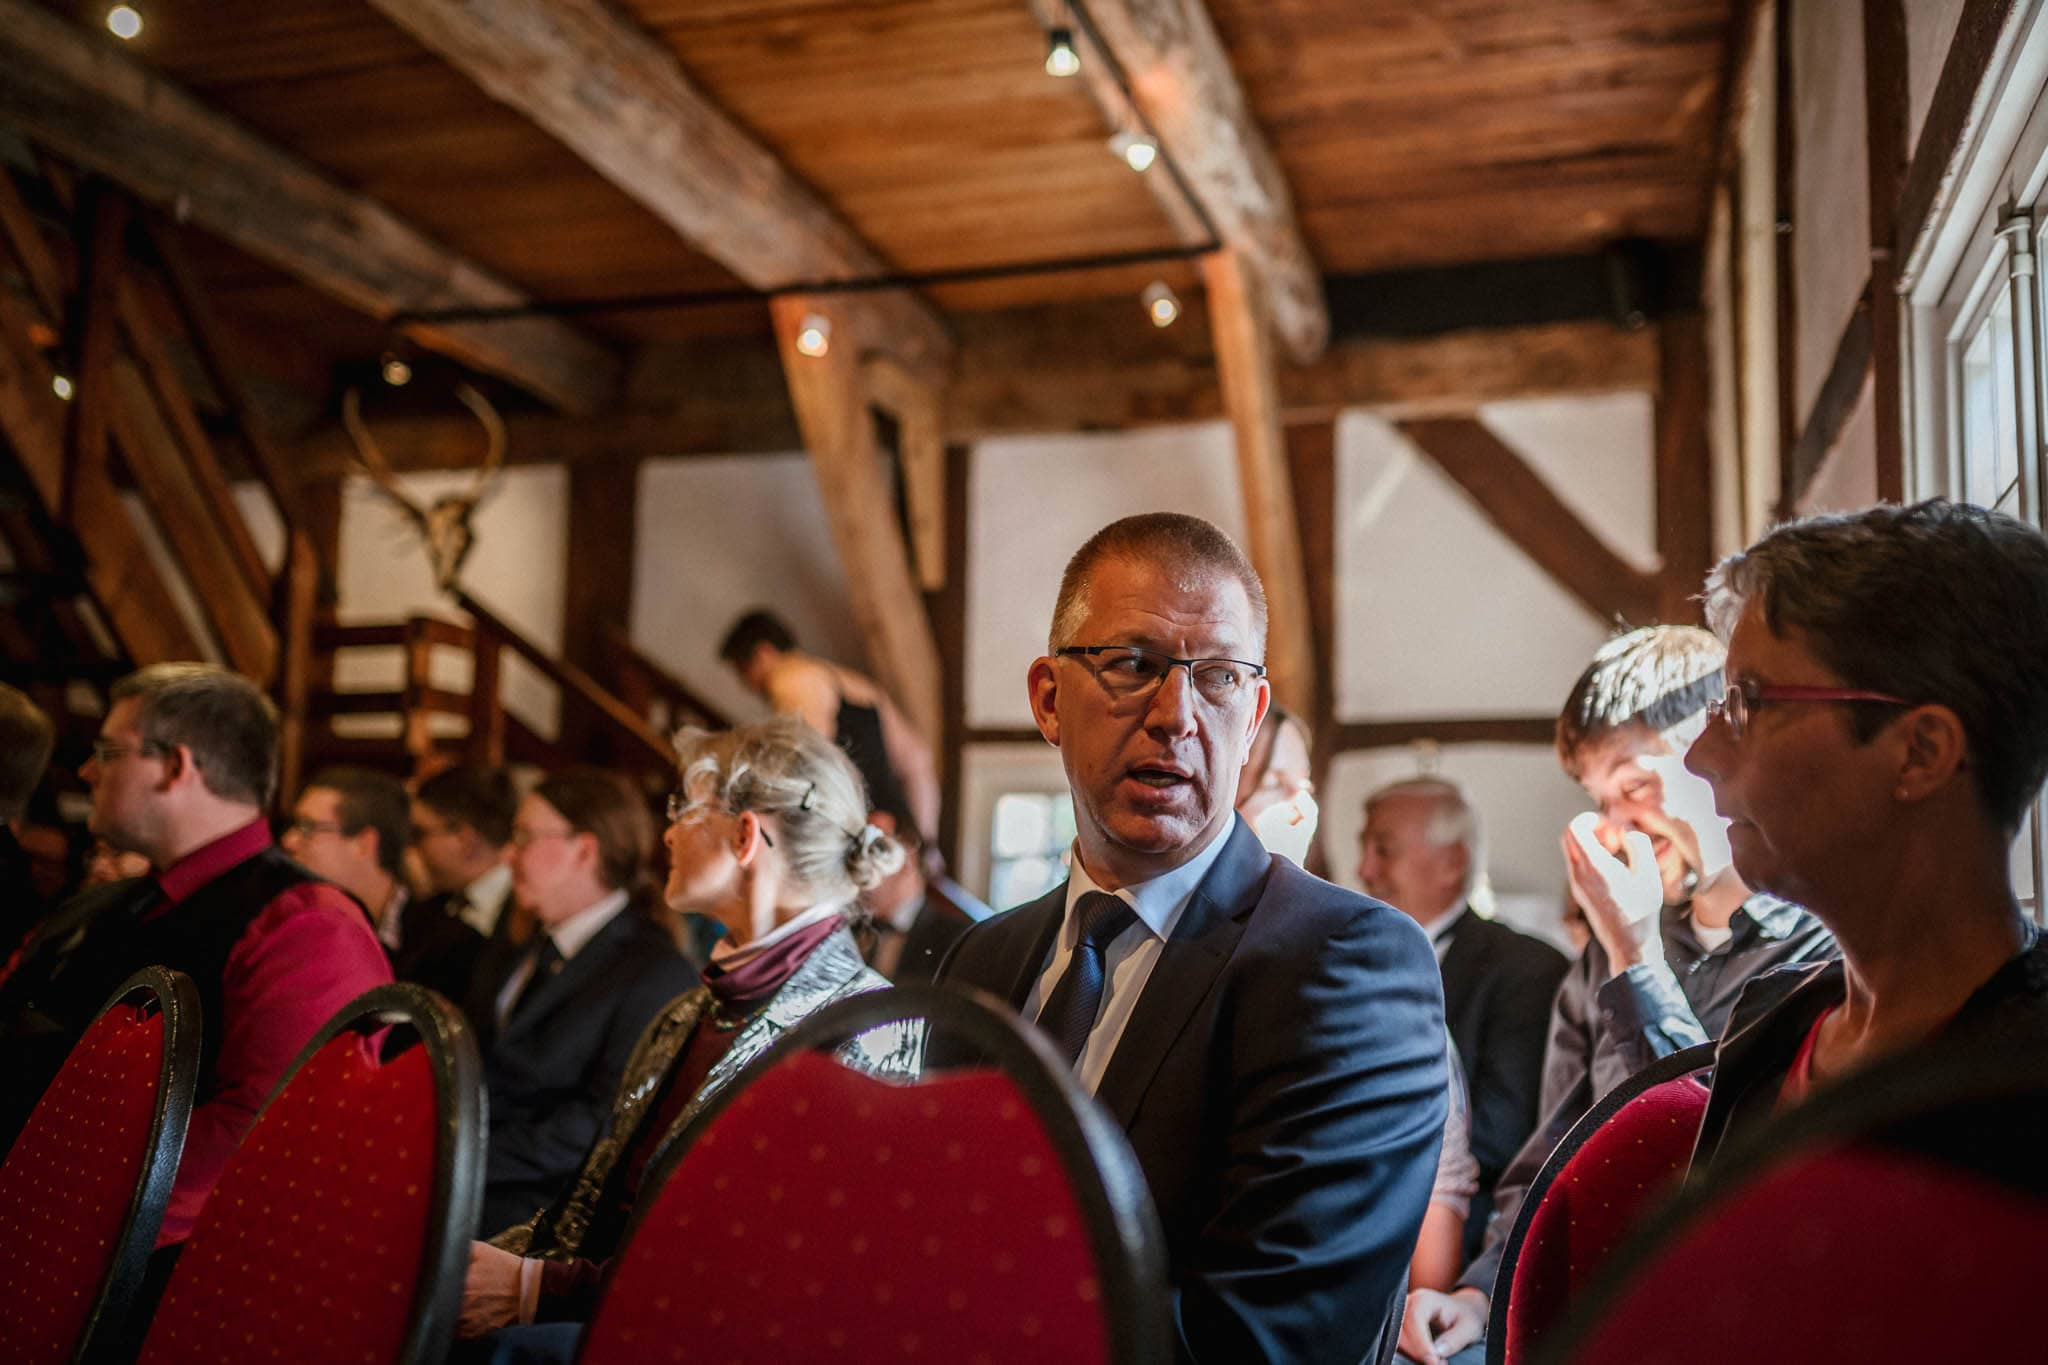 Hochzeitsfieber by Photo-Schomburg, Hochzeitsfotograf, Hamburg,Bremen, wedding, Hochzeitsshooting, Hochzeitstag-25